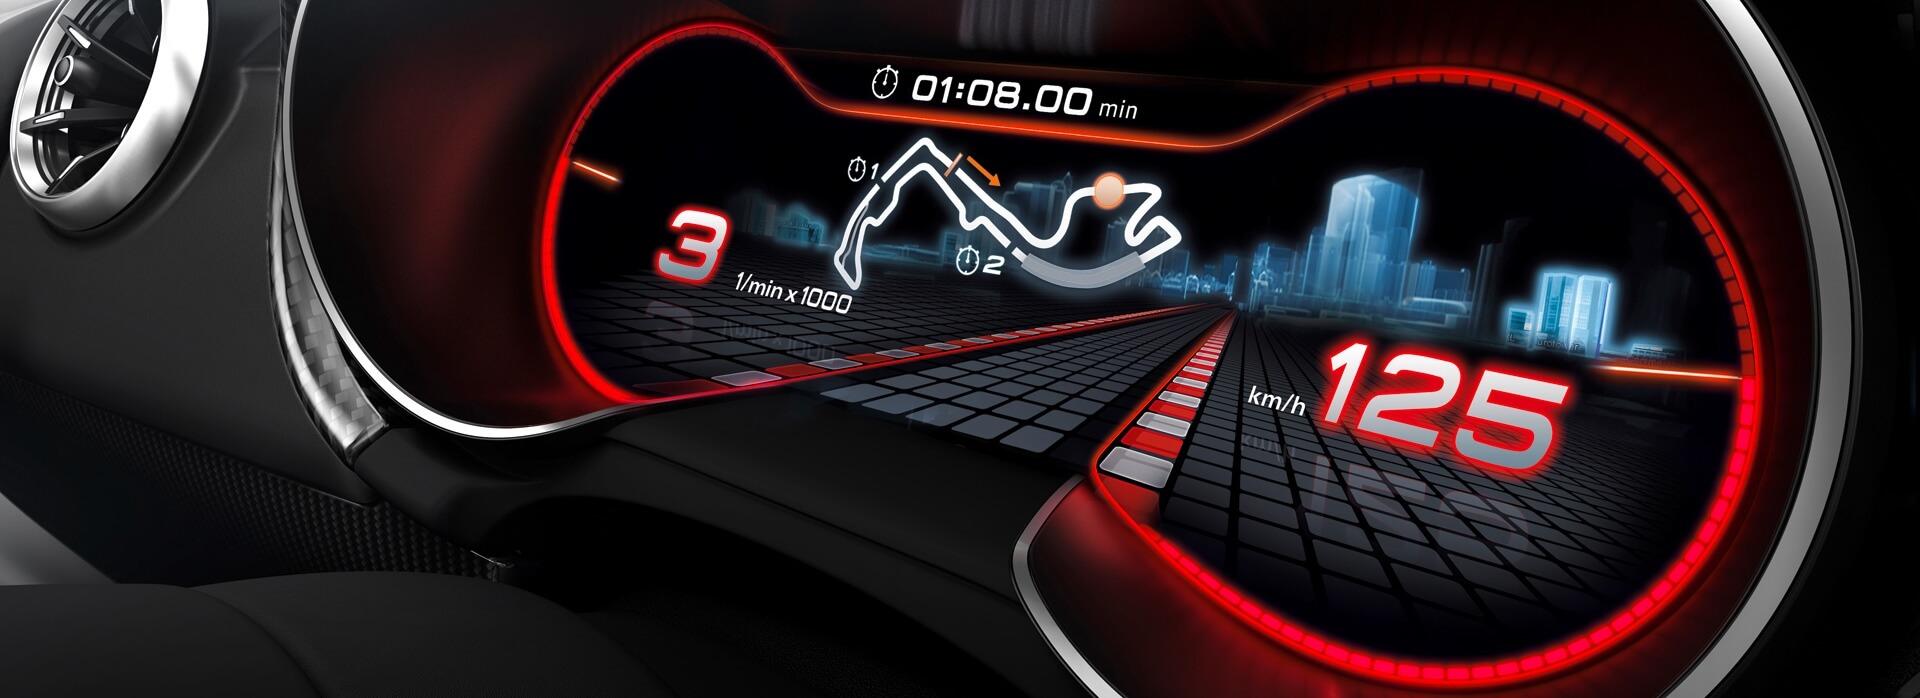 Tachojustierung-Audi-Tachometer